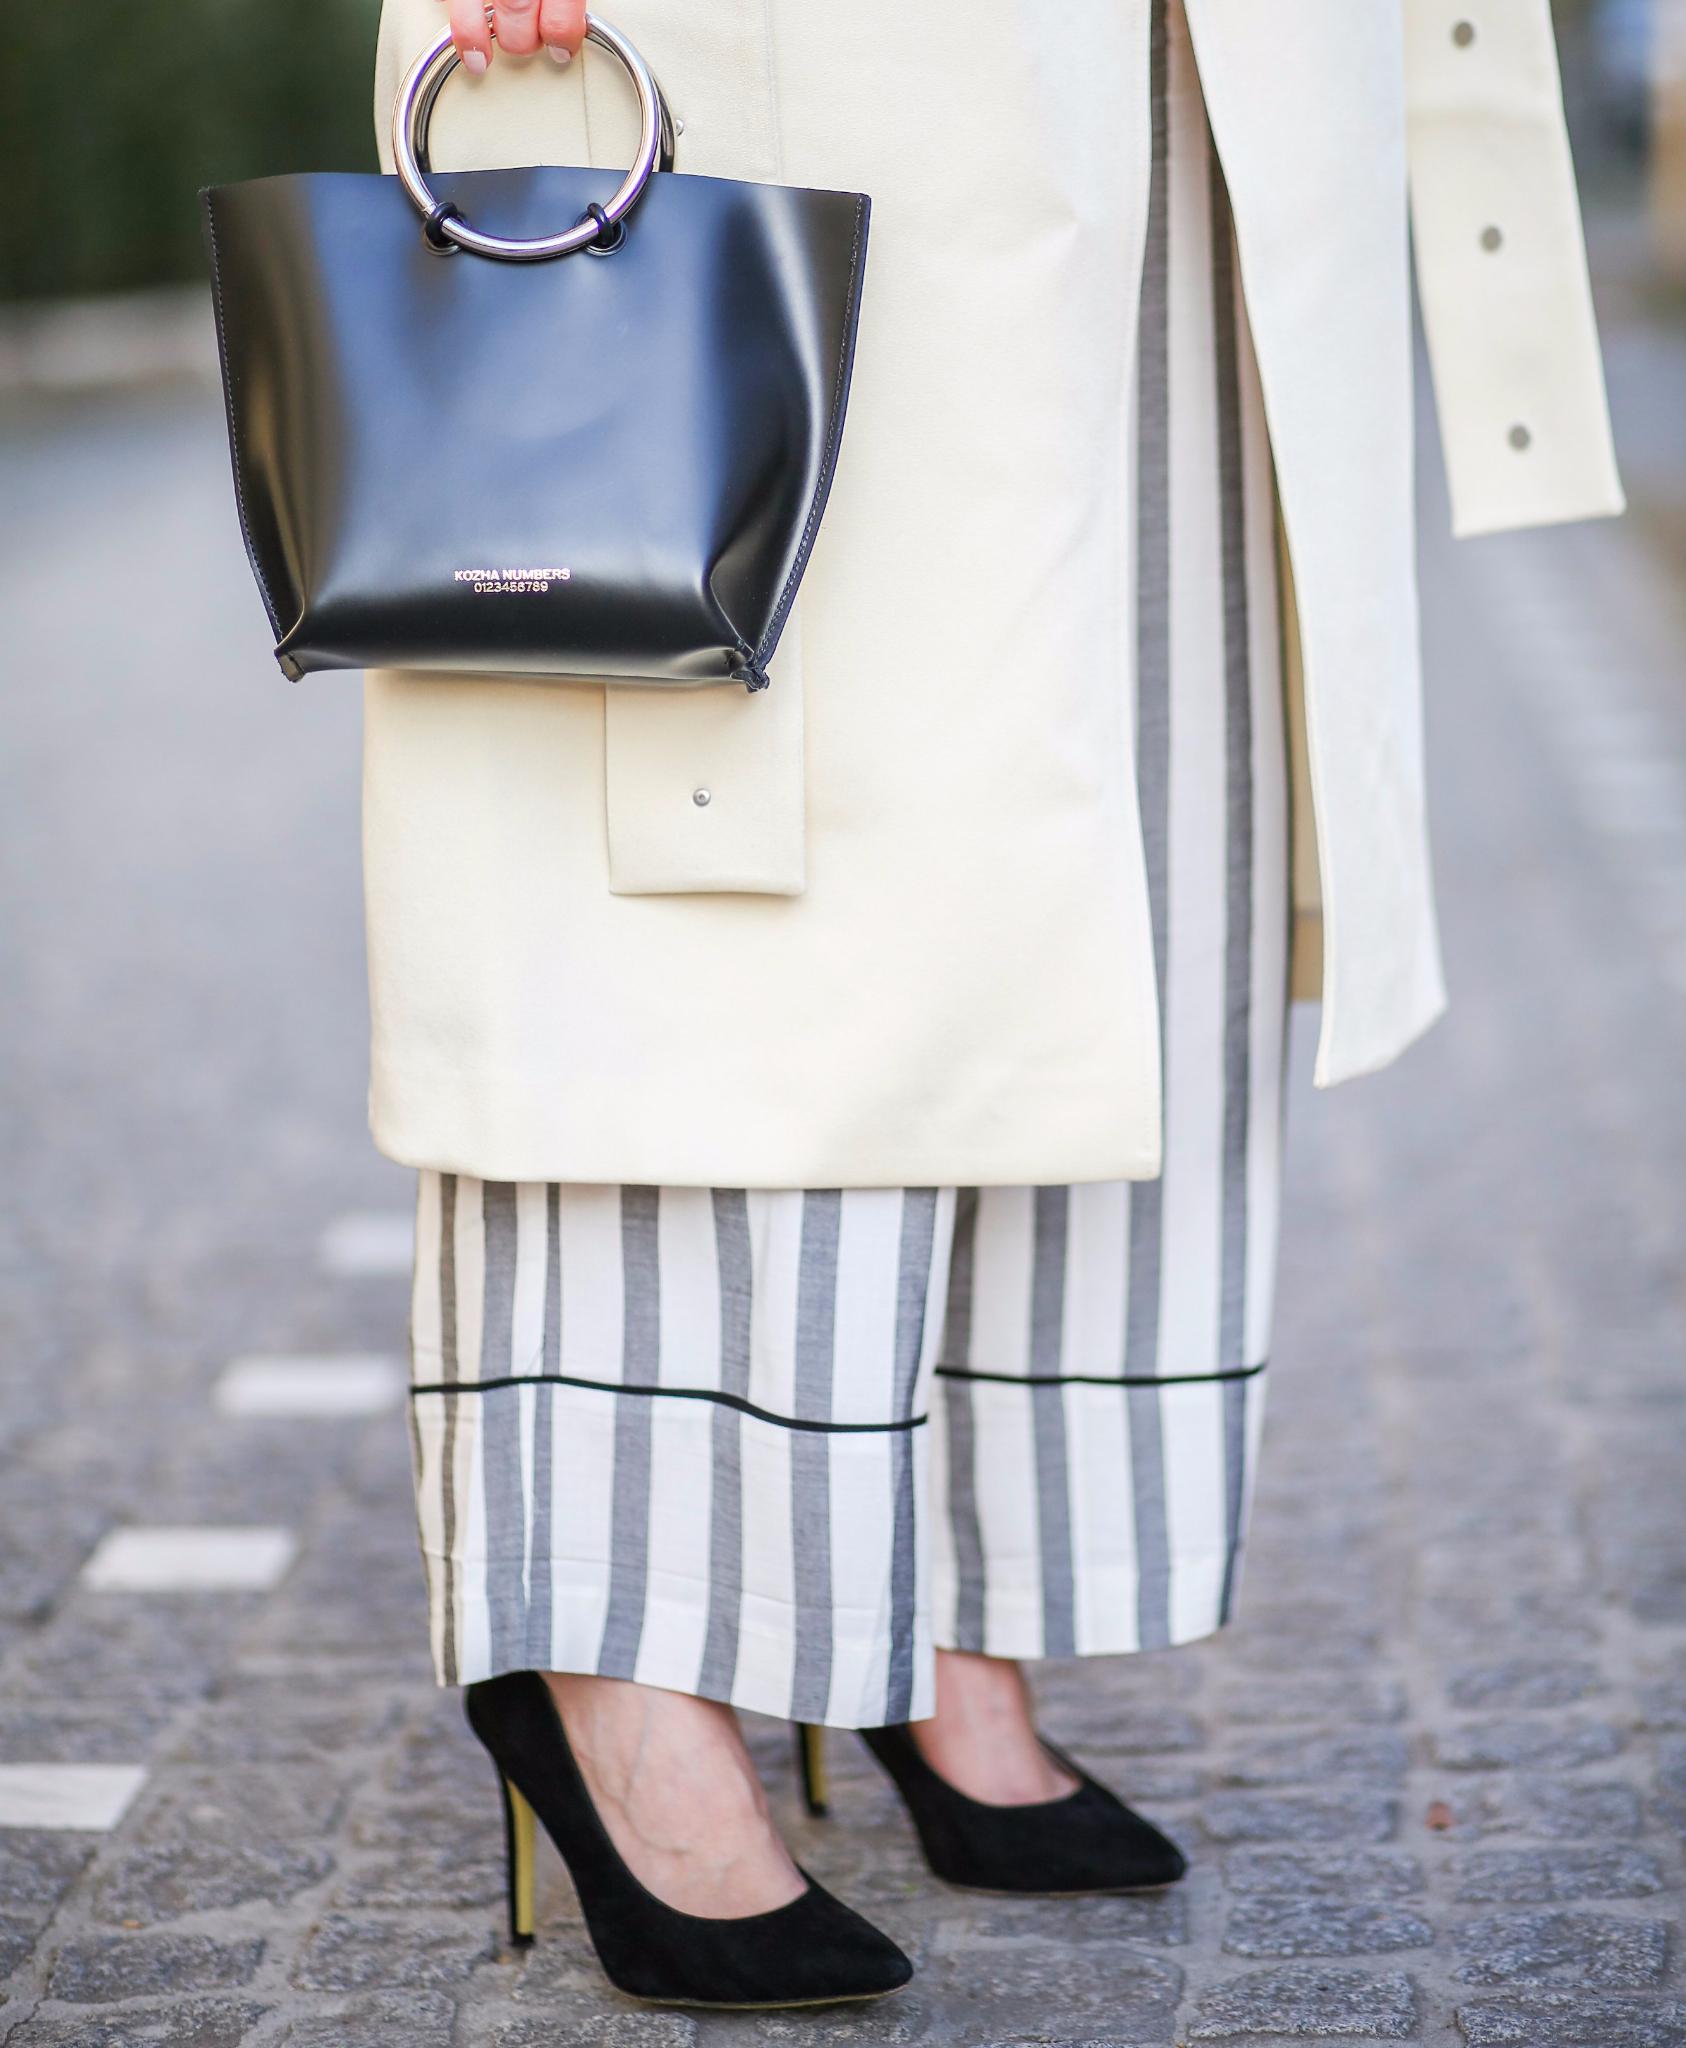 MOD-by-Monique-Fashion-Looks-Scandi-Boheme-6-1